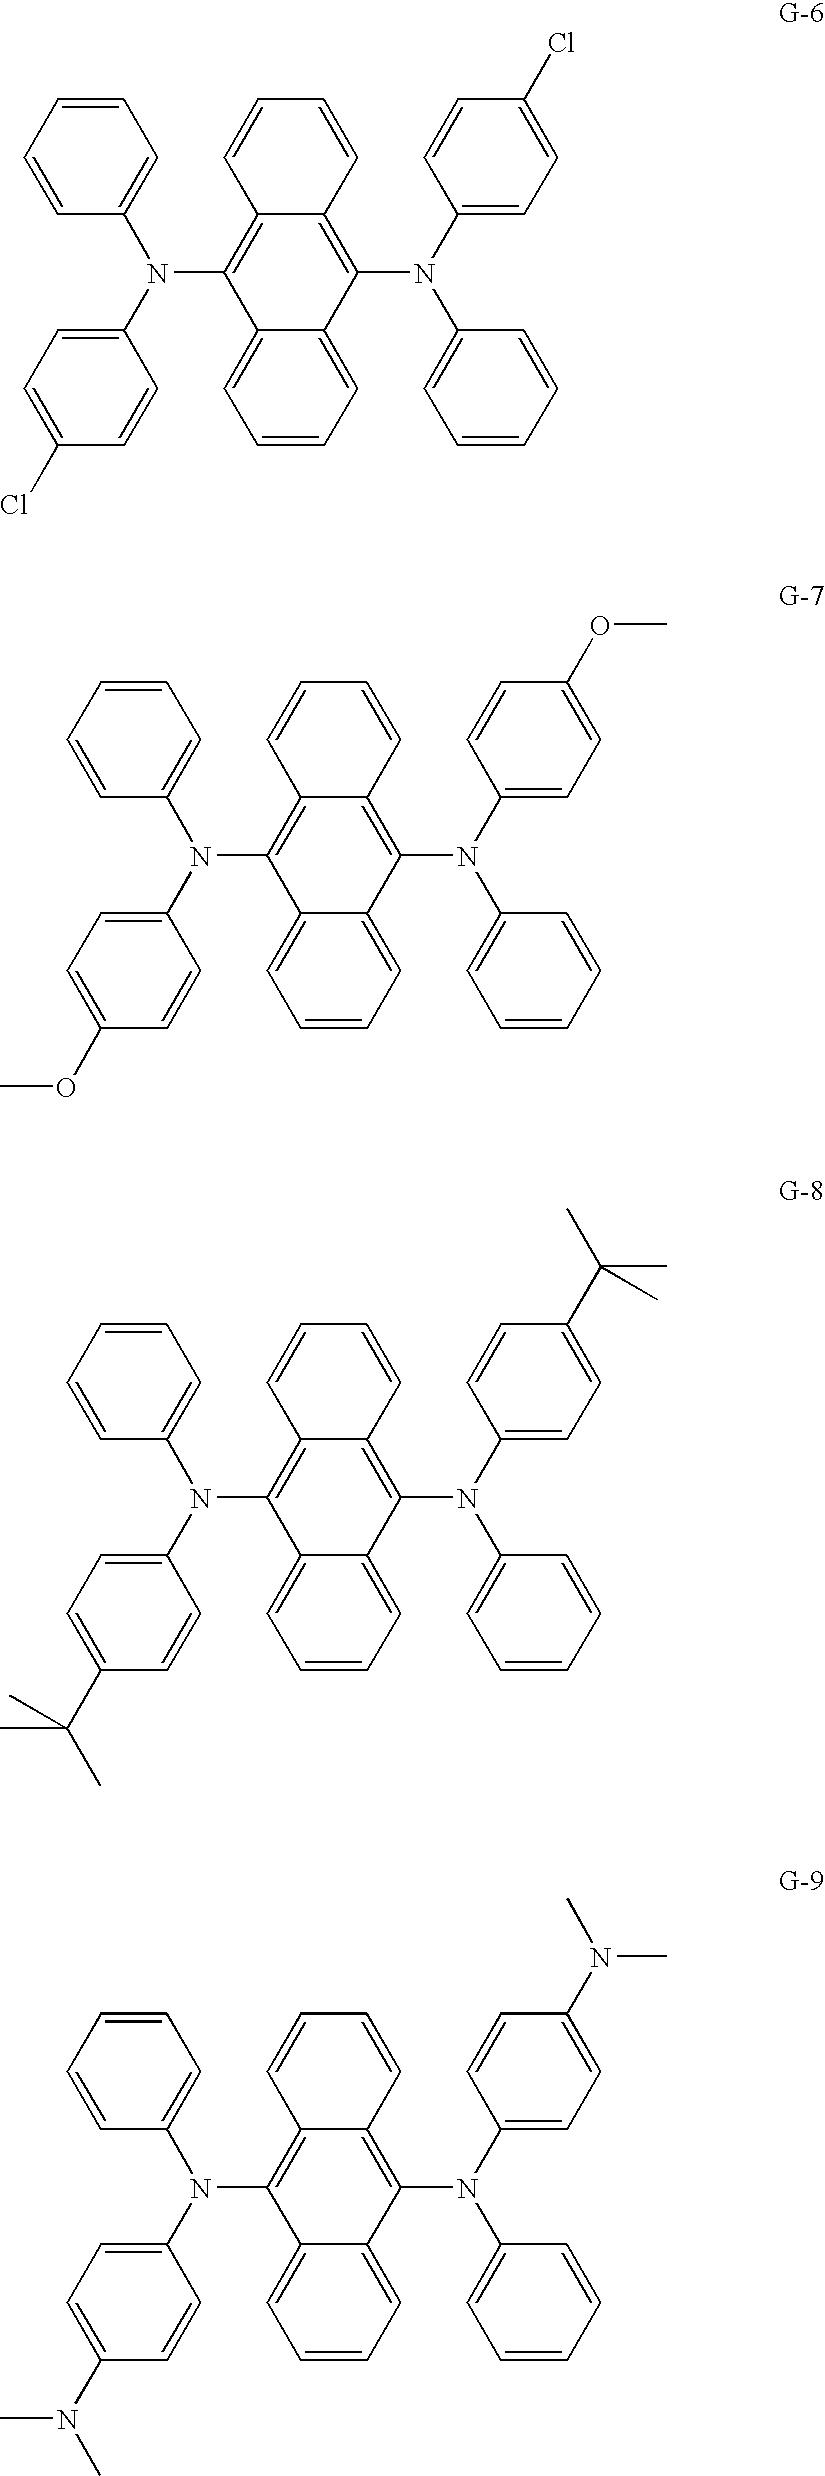 Figure US07651788-20100126-C00037